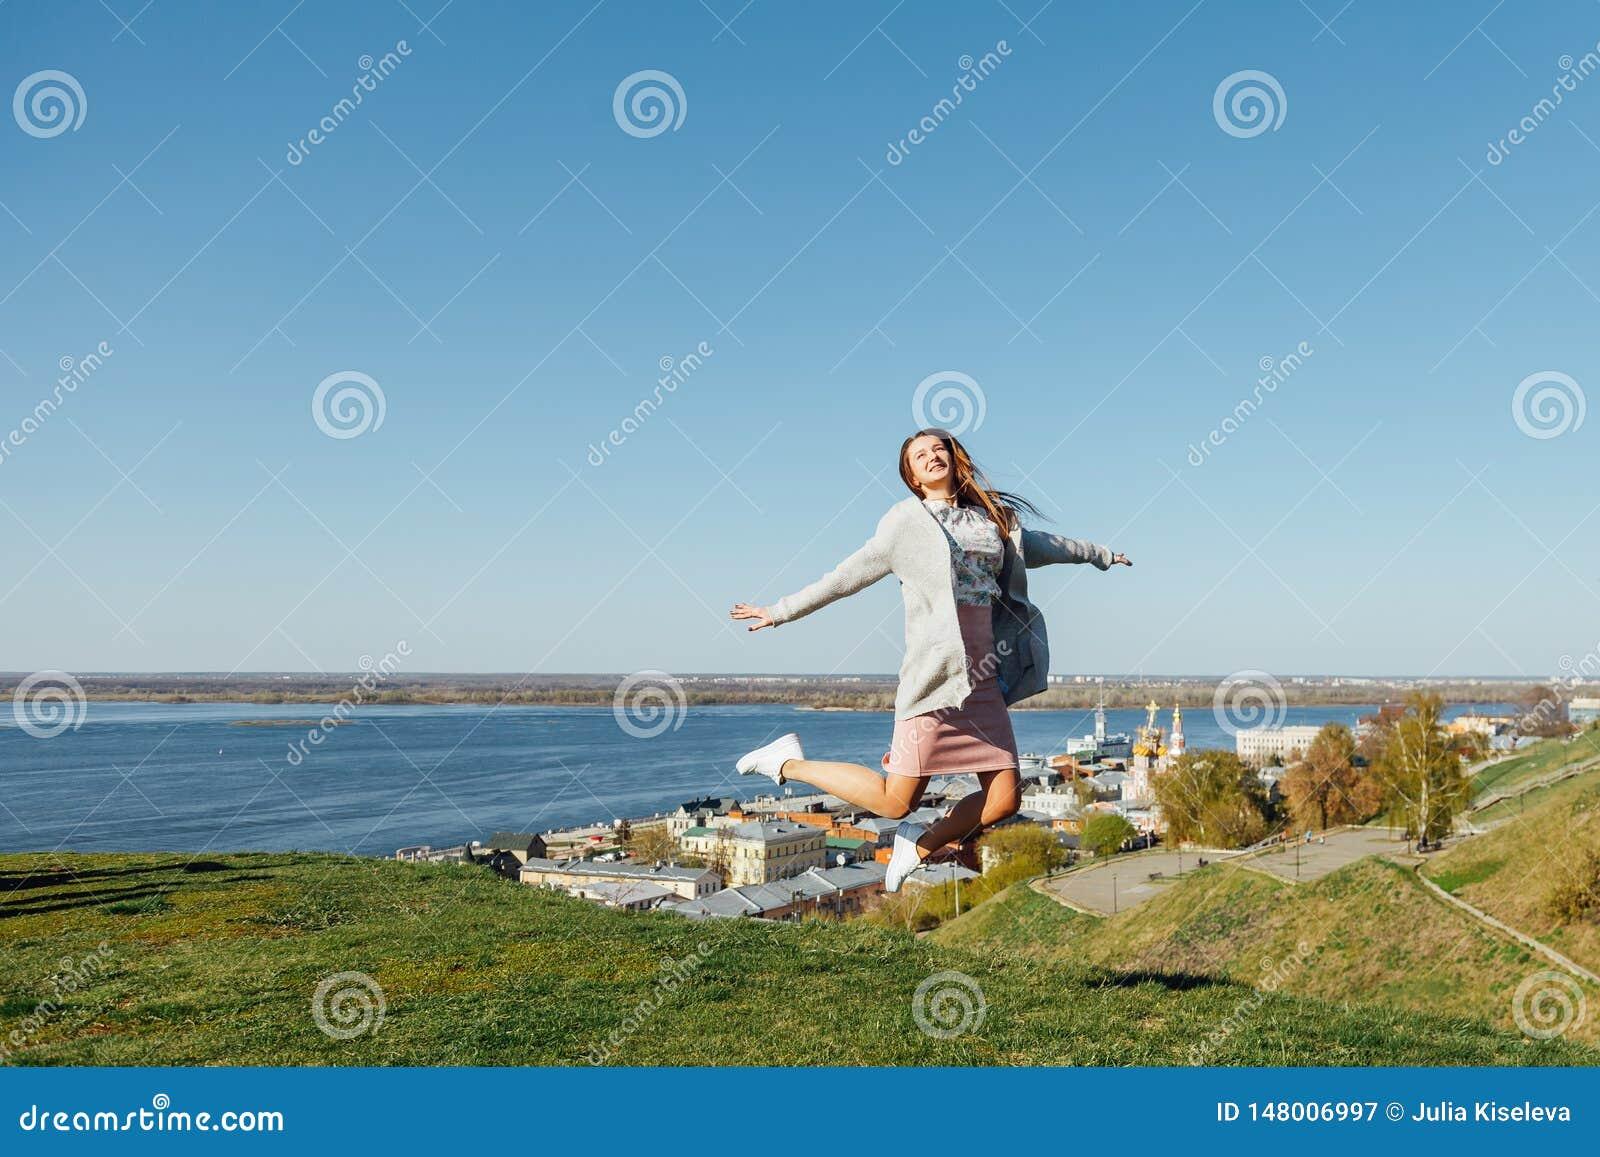 Счастливая женщина скача в воздух